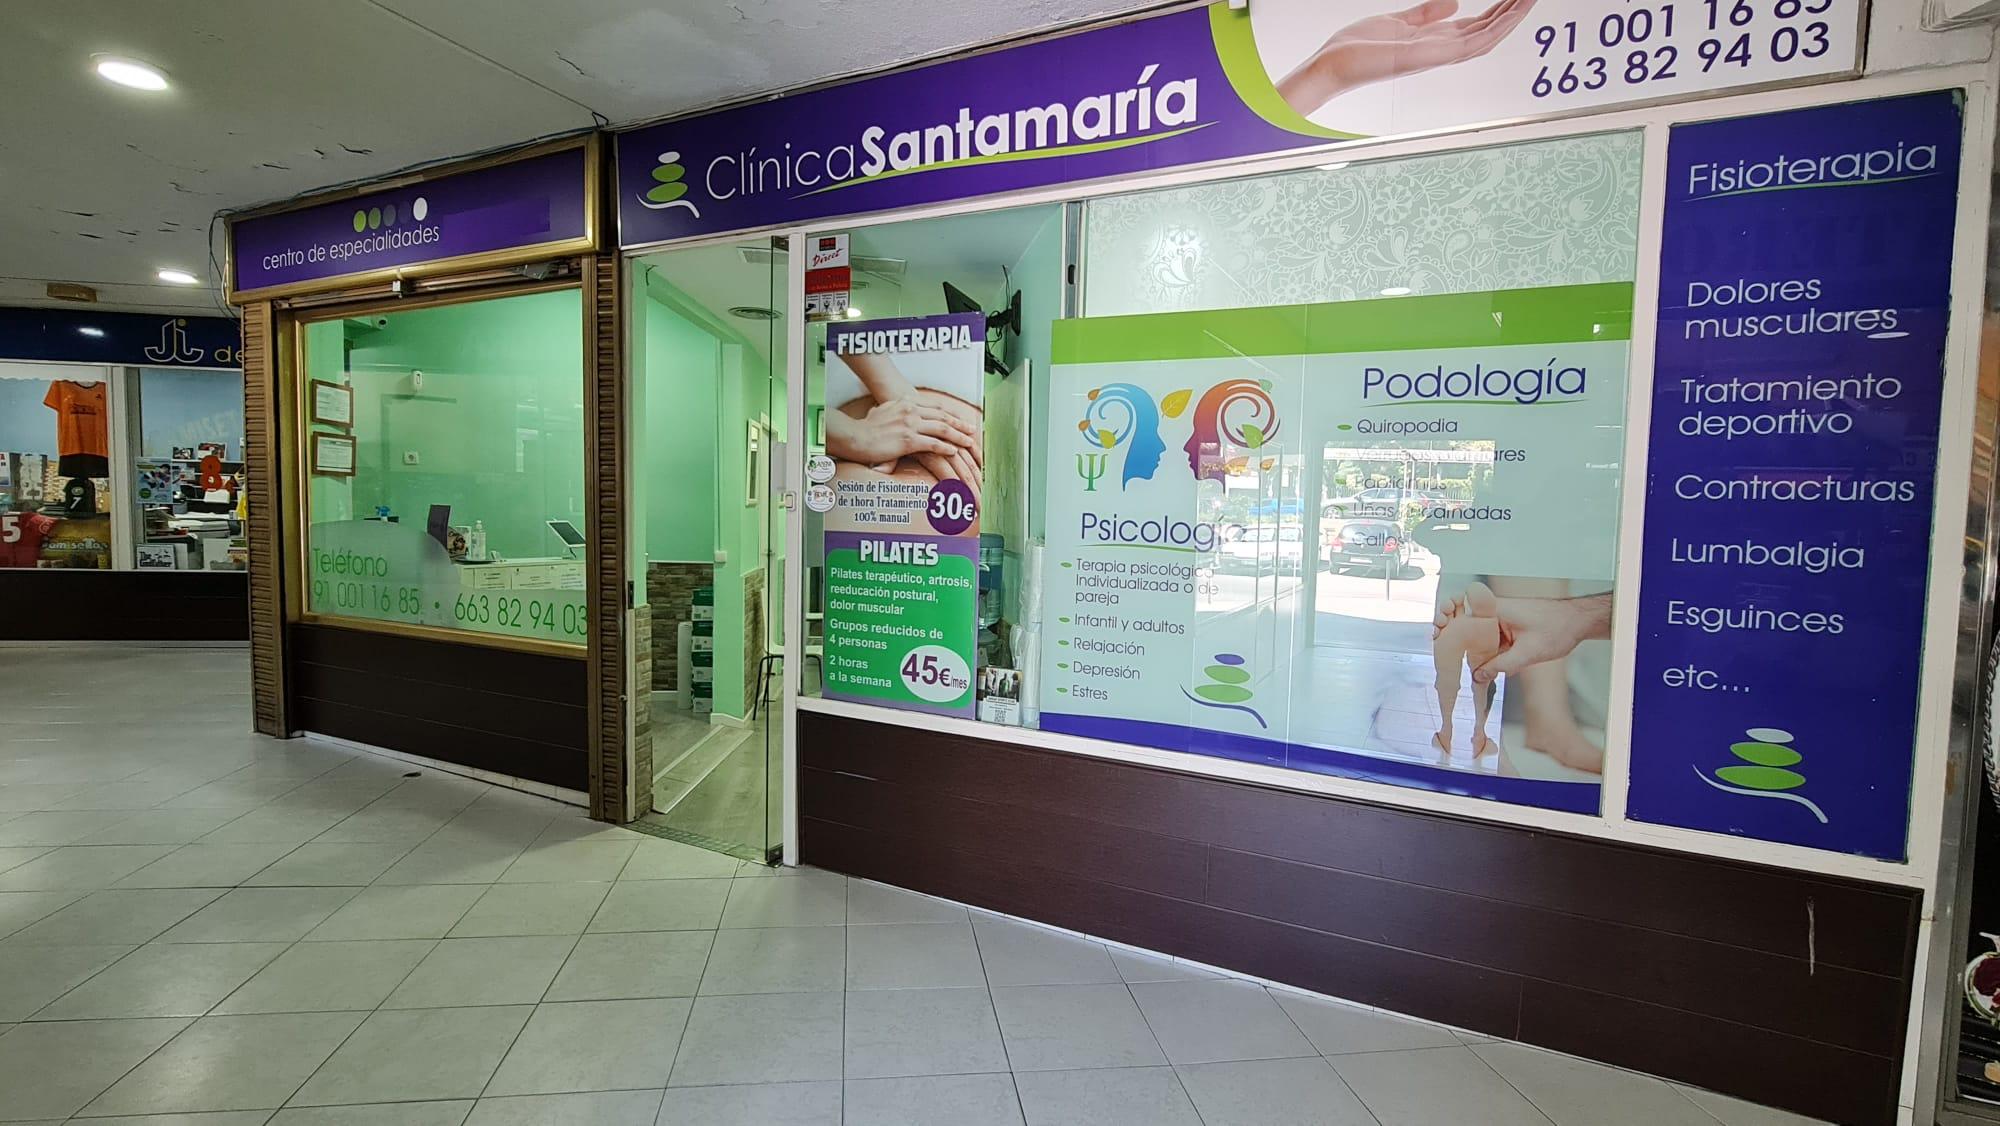 Entrevista y reportaje a Fisioterapia Santamaría en Móstoles